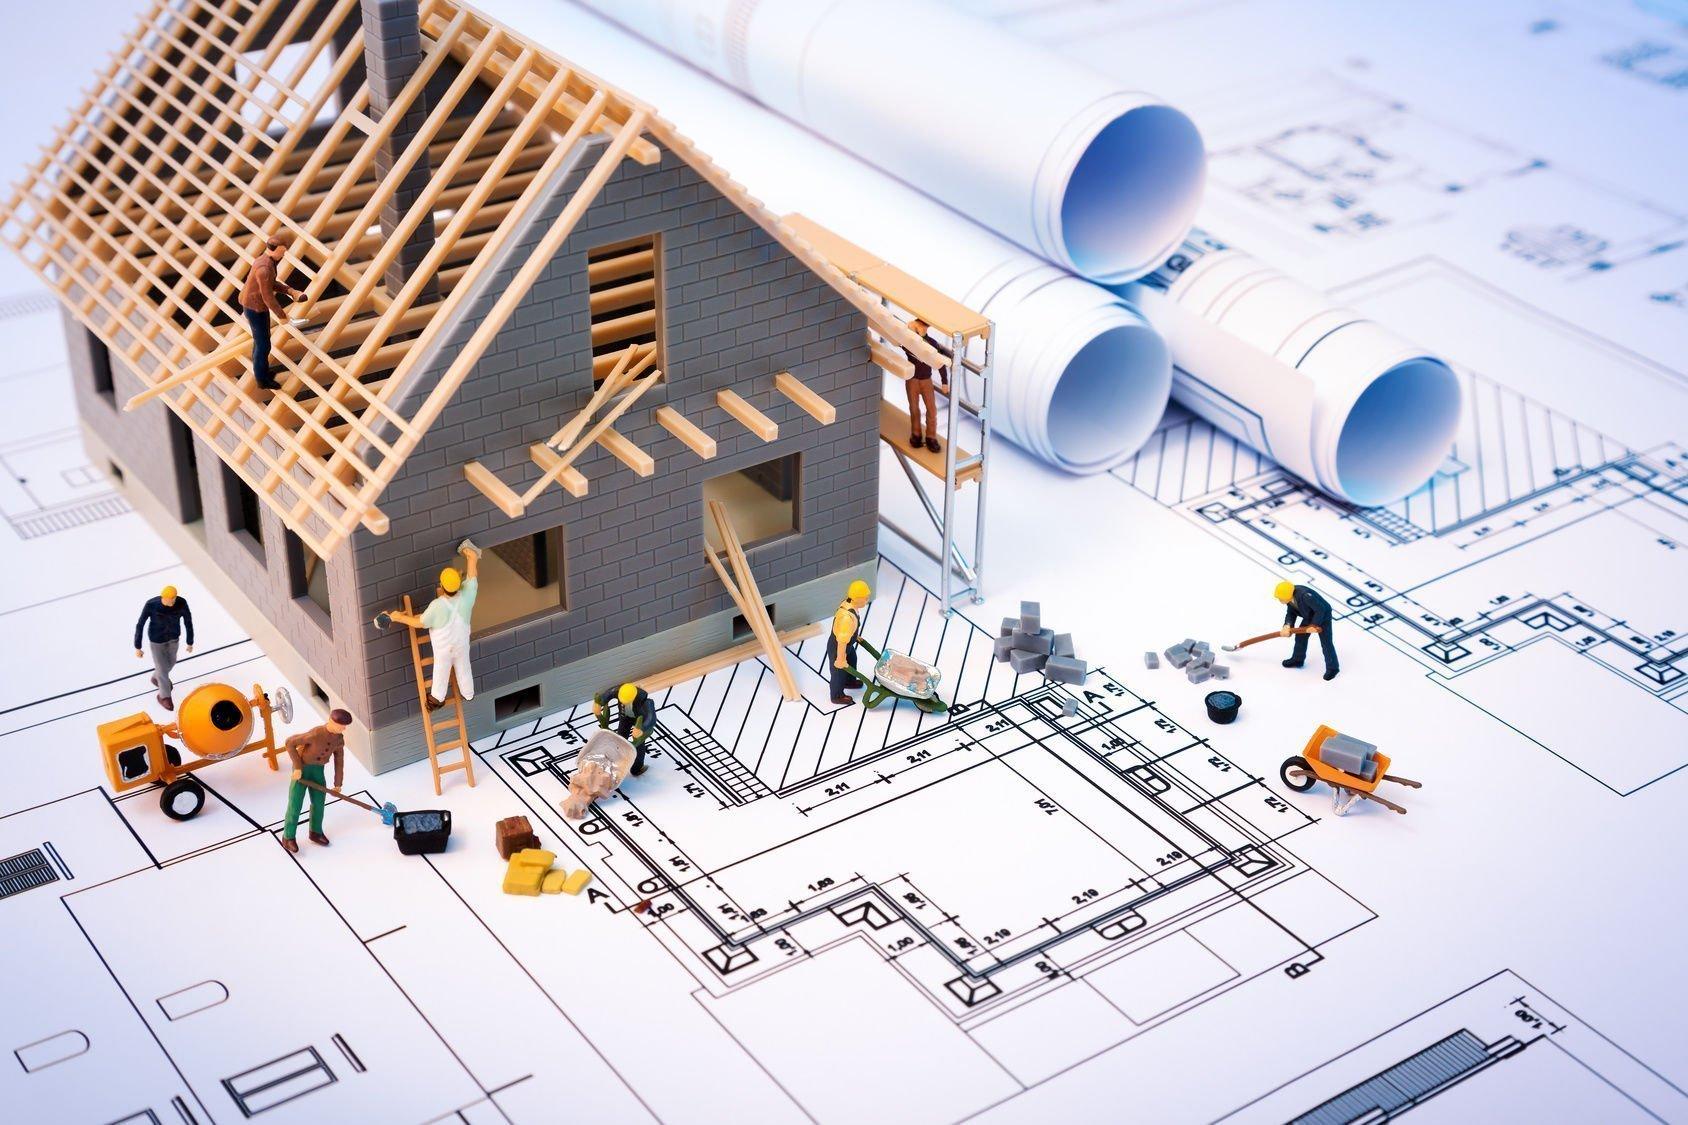 Kiến trúc sư chia sẻ kinh nghiệm xây nhà từ A - Z dành cho những người mới bắt đầu  - Ảnh 2.